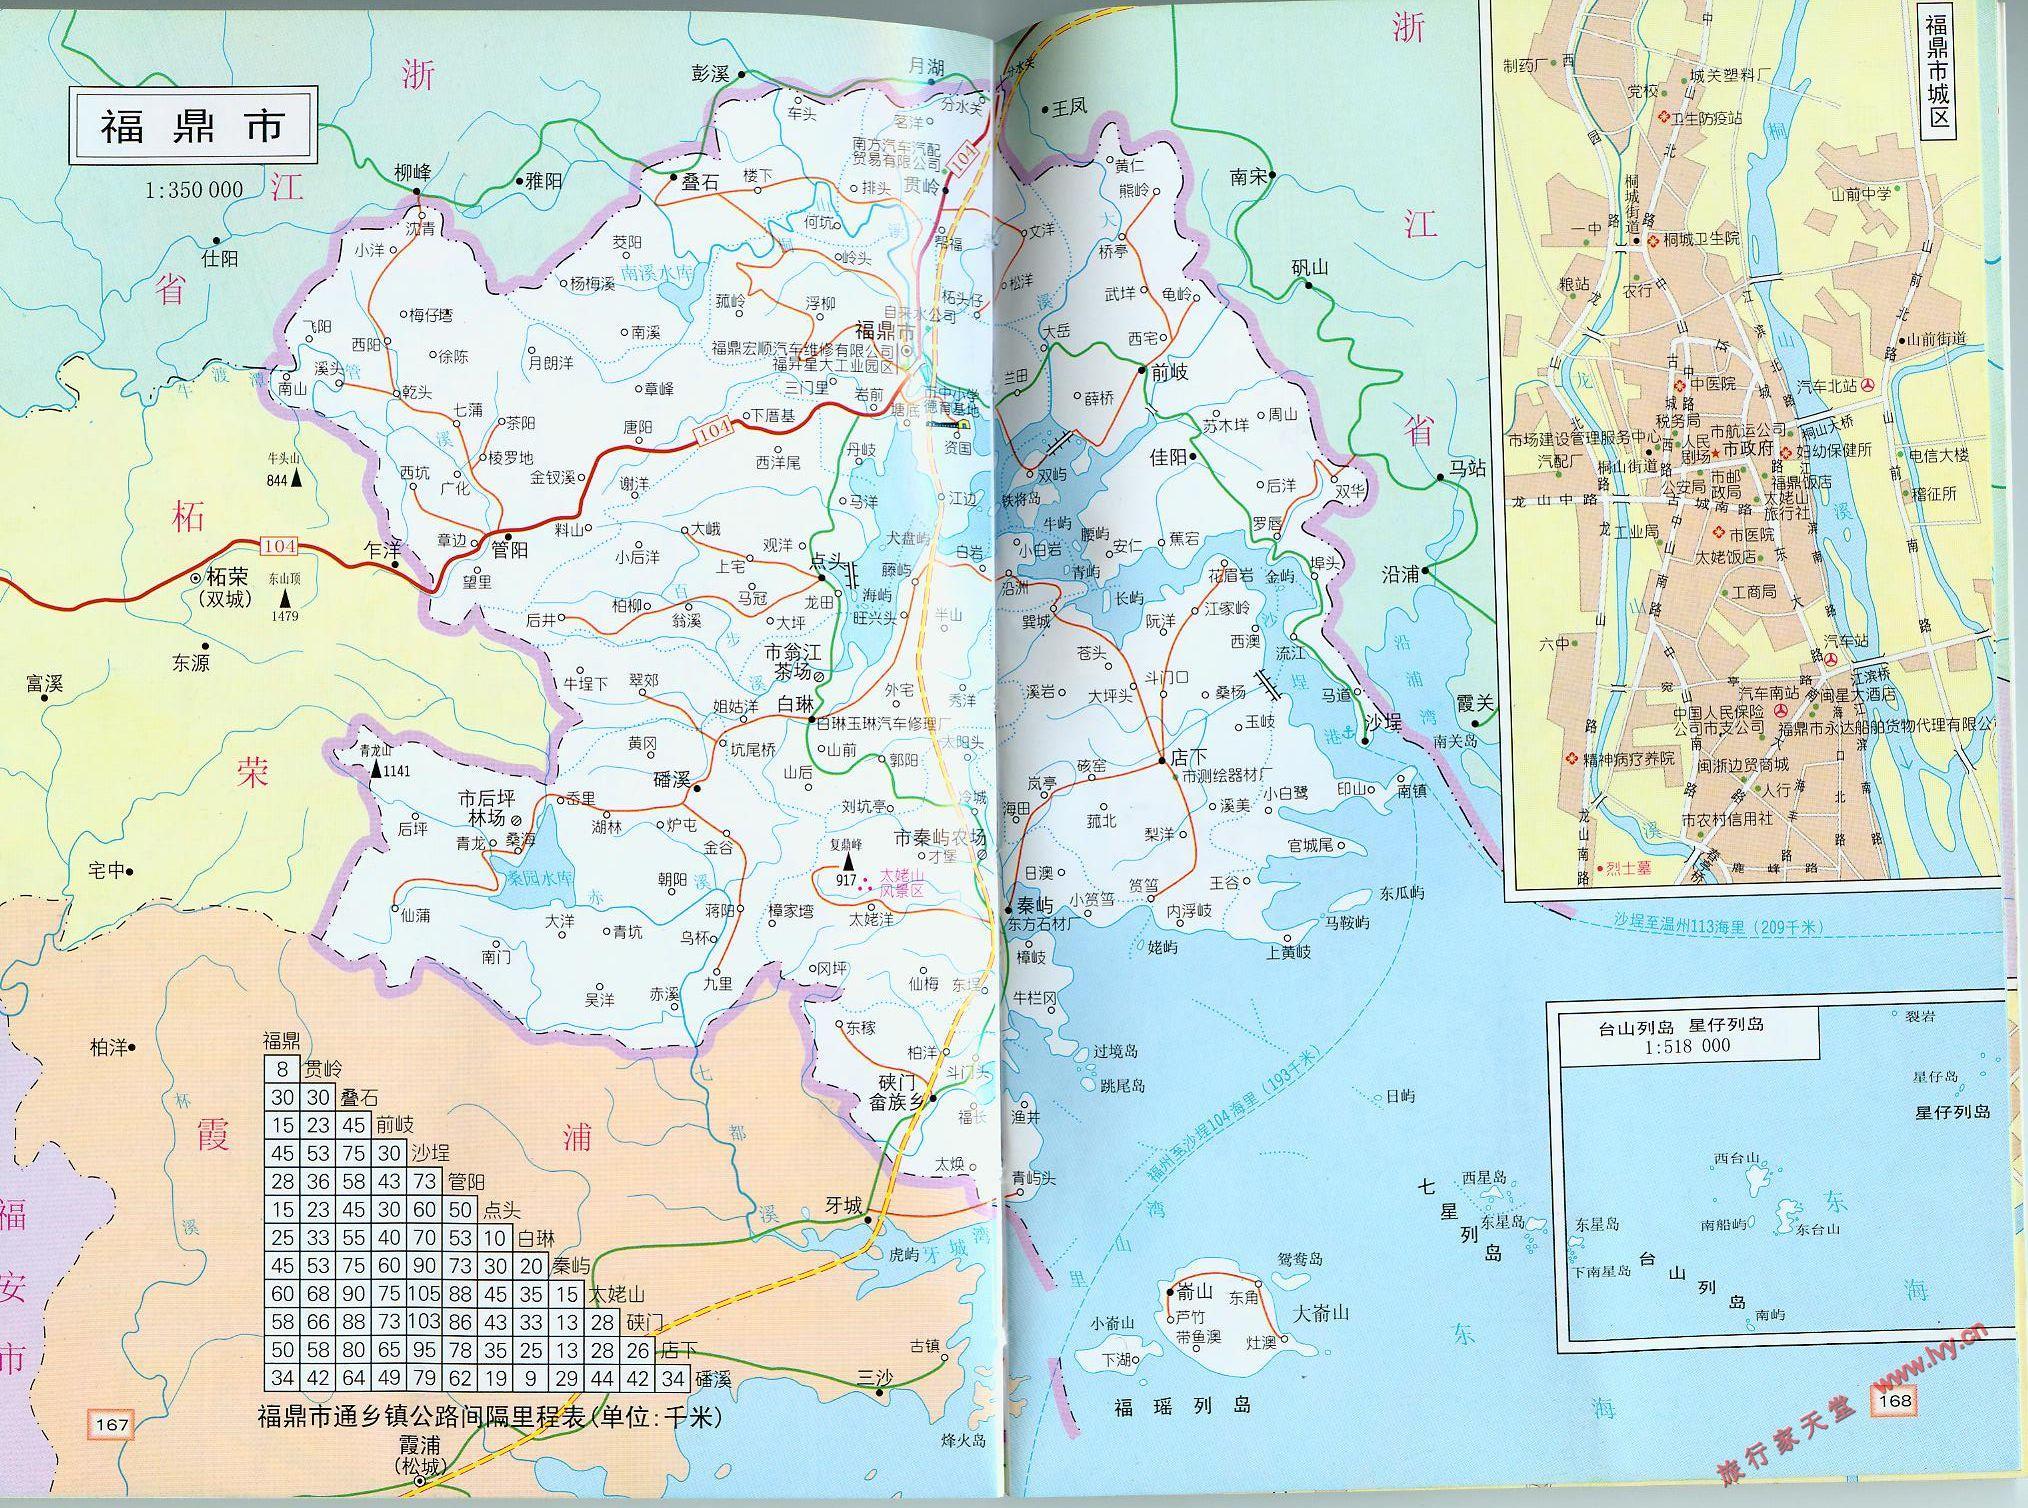 福鼎市城区地图_宁德市地图查询